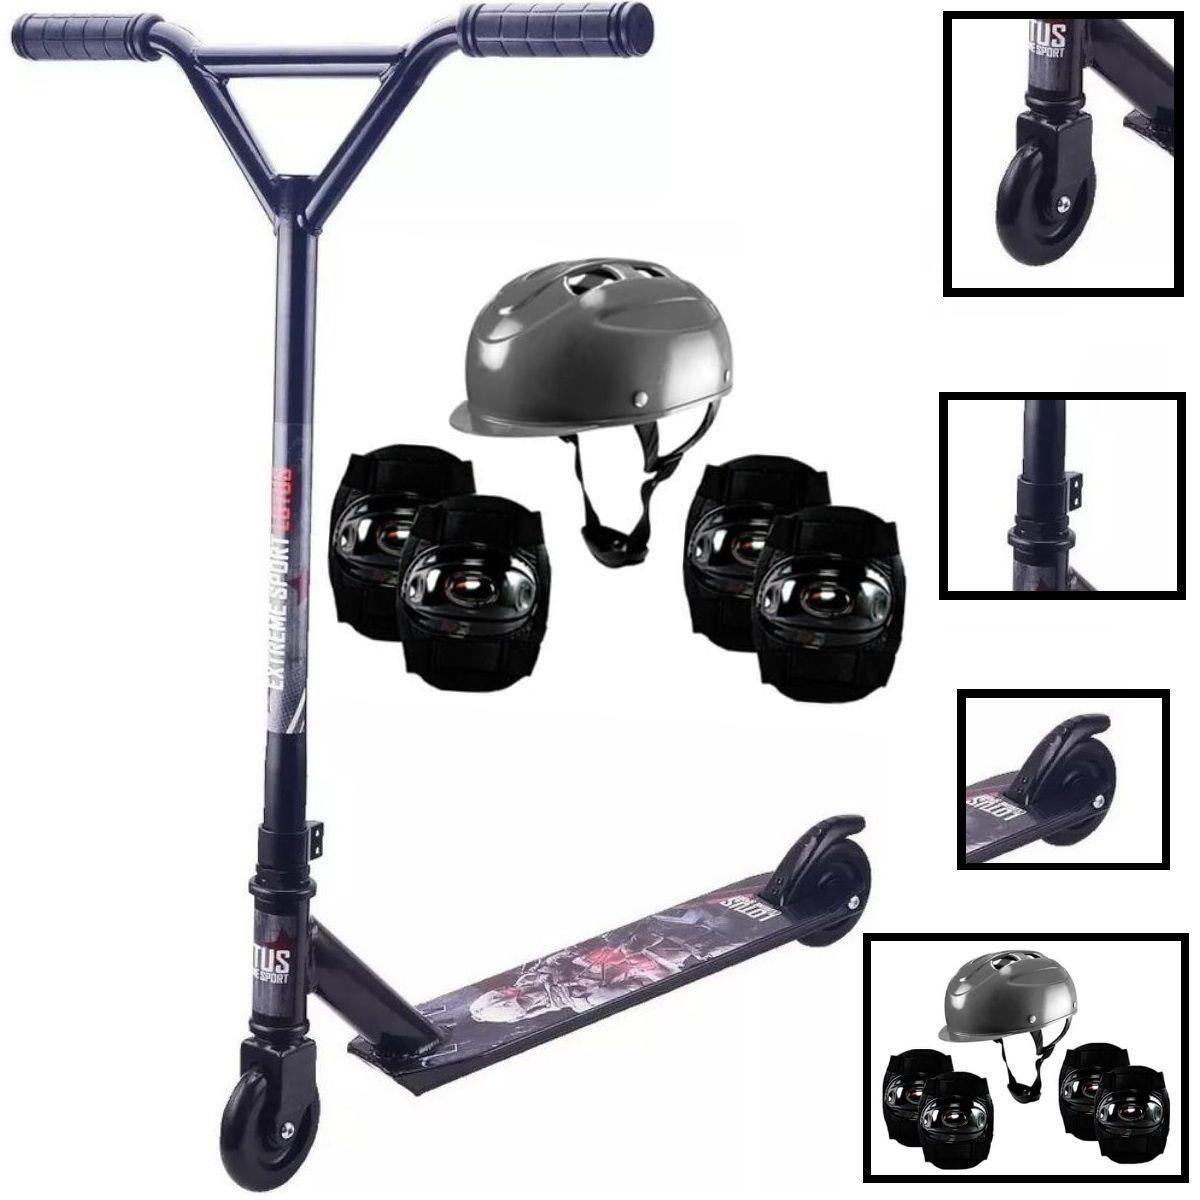 Kit Completo Com Patinete Para Manobras Radicais Masculino Preto Freestyle Até 100kg E Equipamento Segurança Preto Inmetro